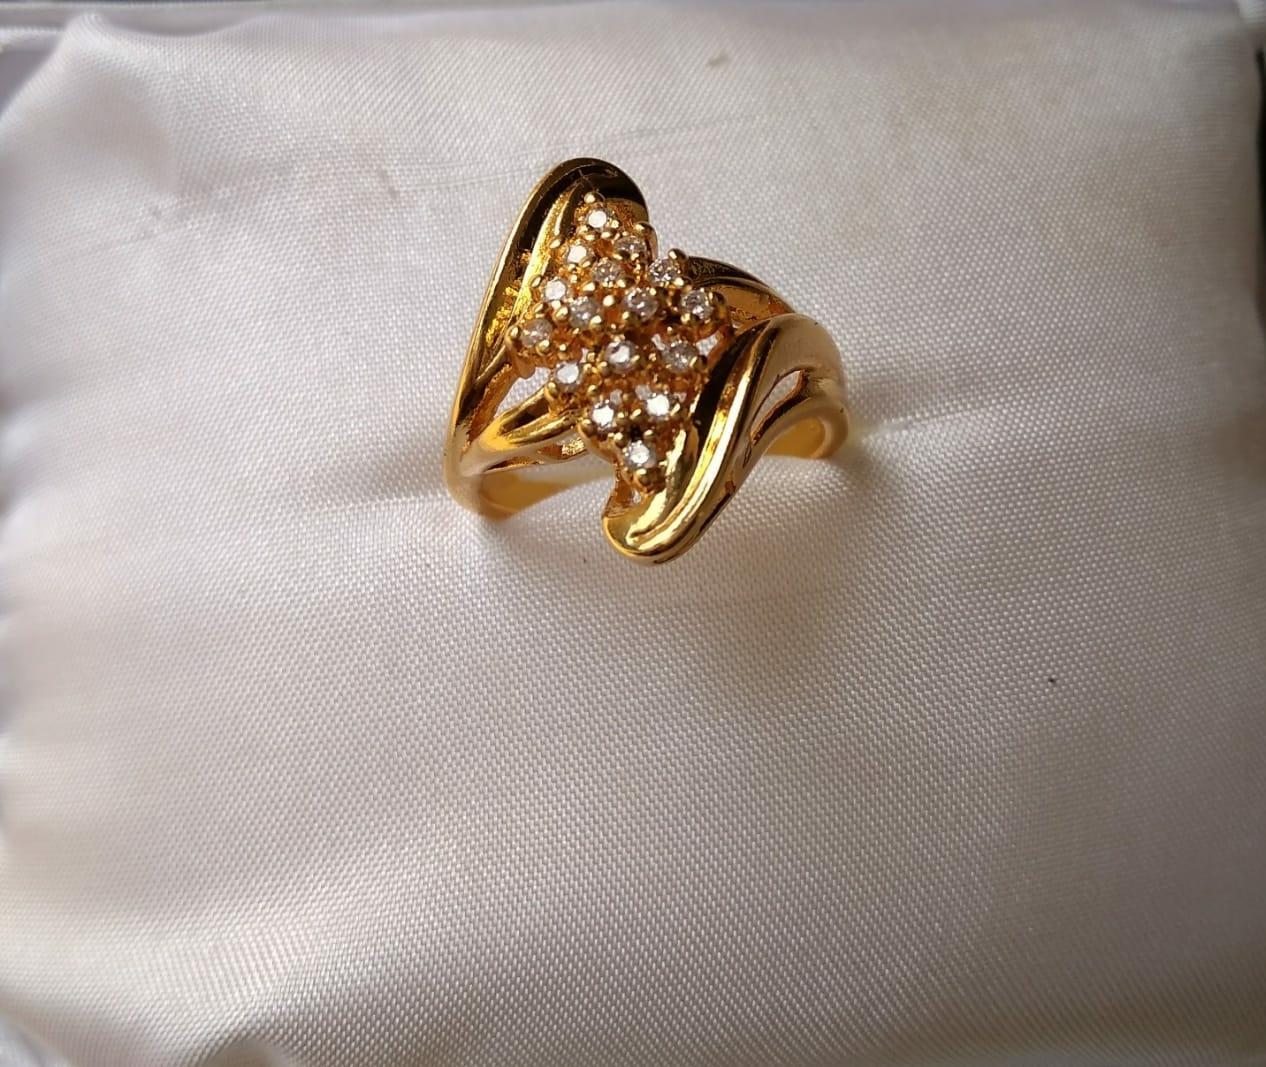 Cincin Xuping Perhiasan Wanita motif bunga cantik lapis emas-Xuping Gold